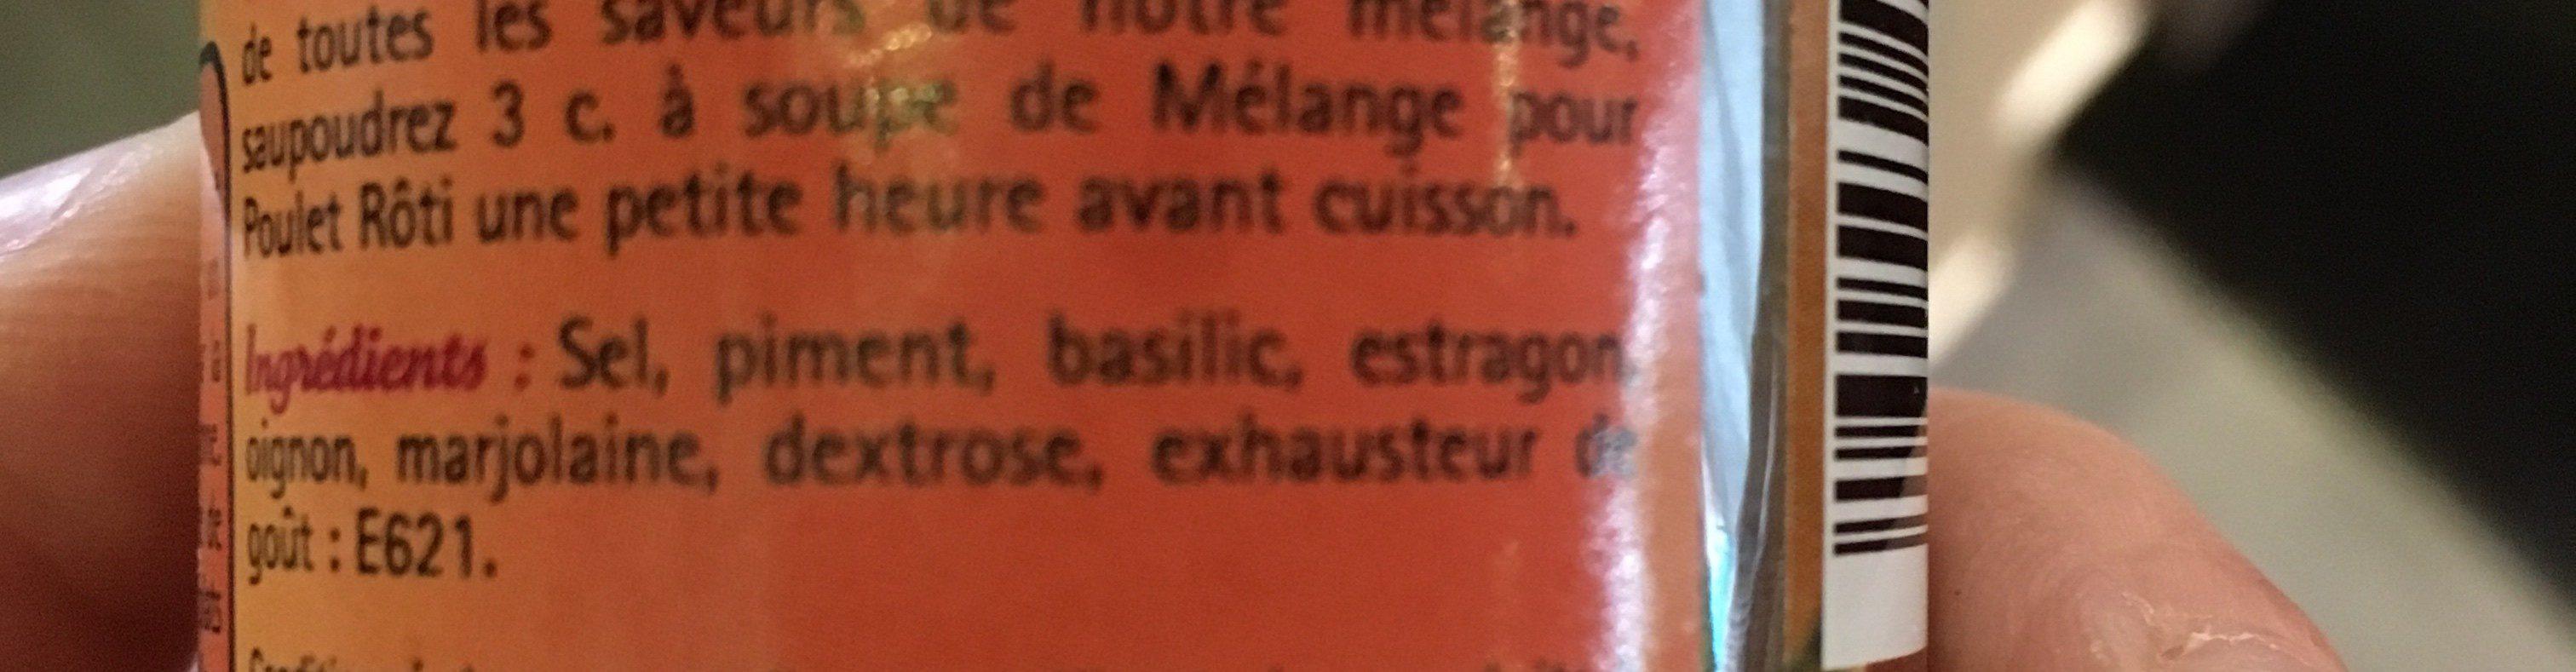 Mélange pour Poulet Rôti - Ingrédients